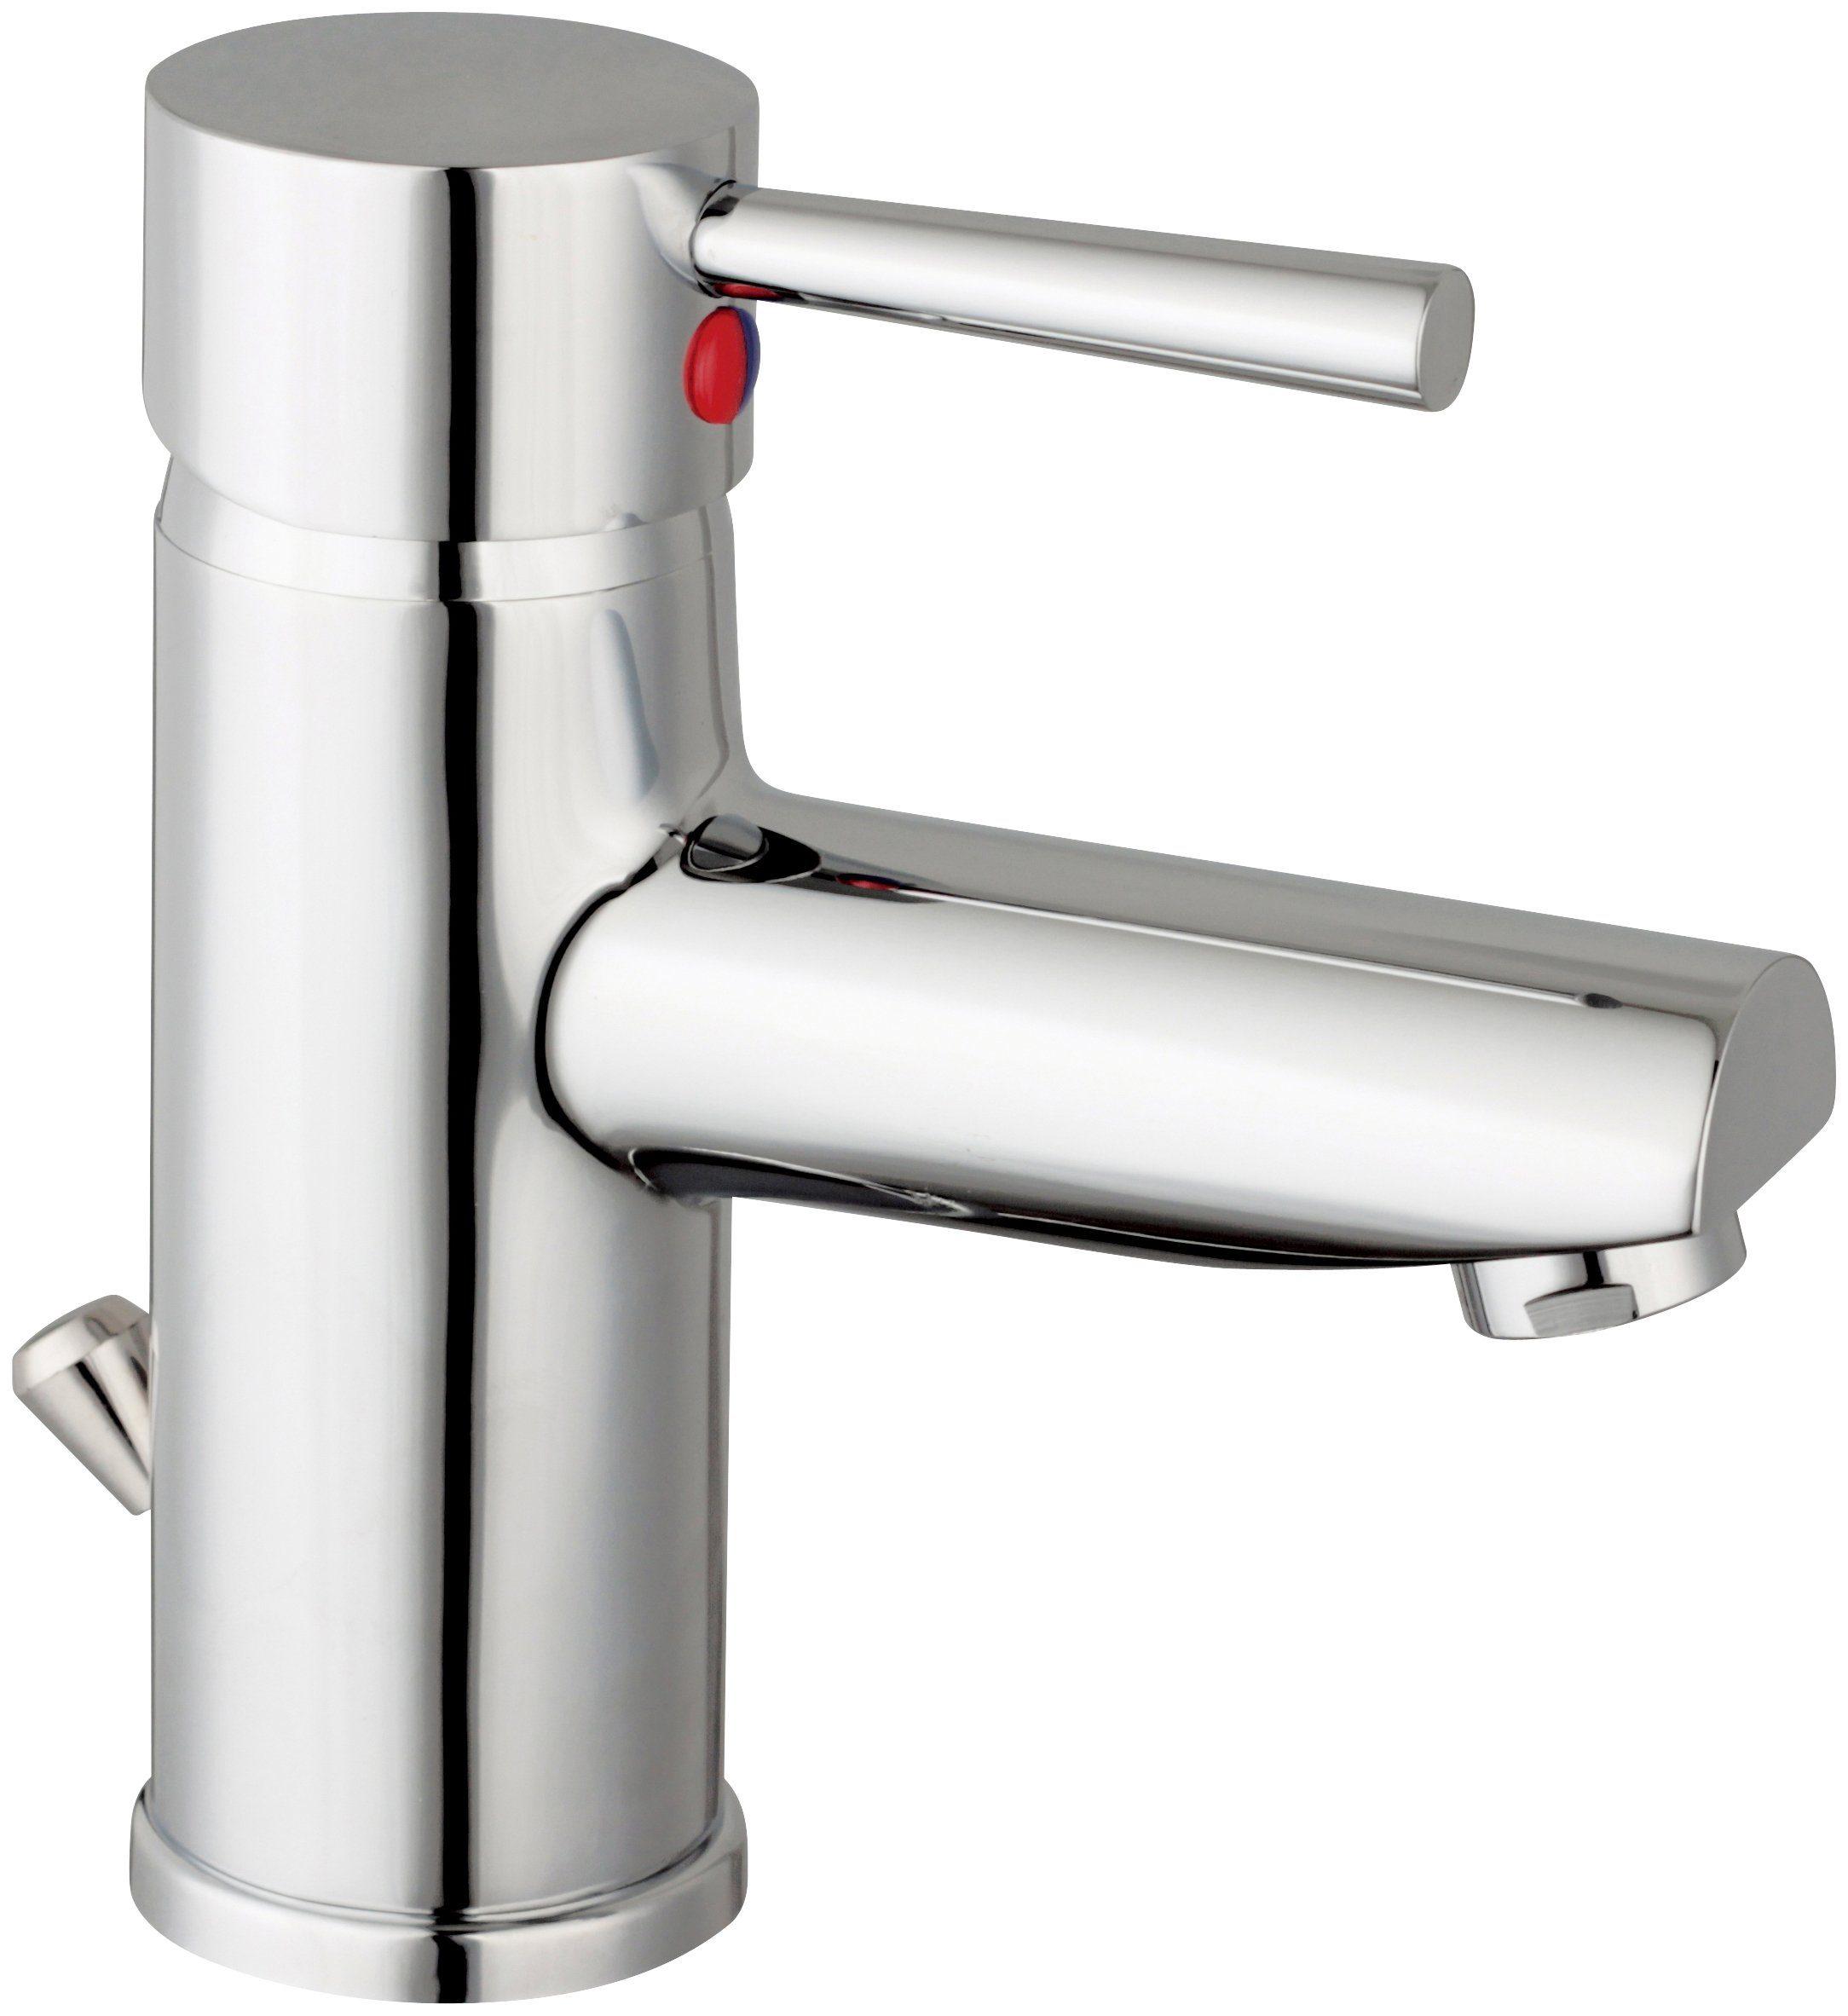 SCHÜTTE Waschtischarmatur »Unicorn Waschtischarmatur«, Wasserhahn